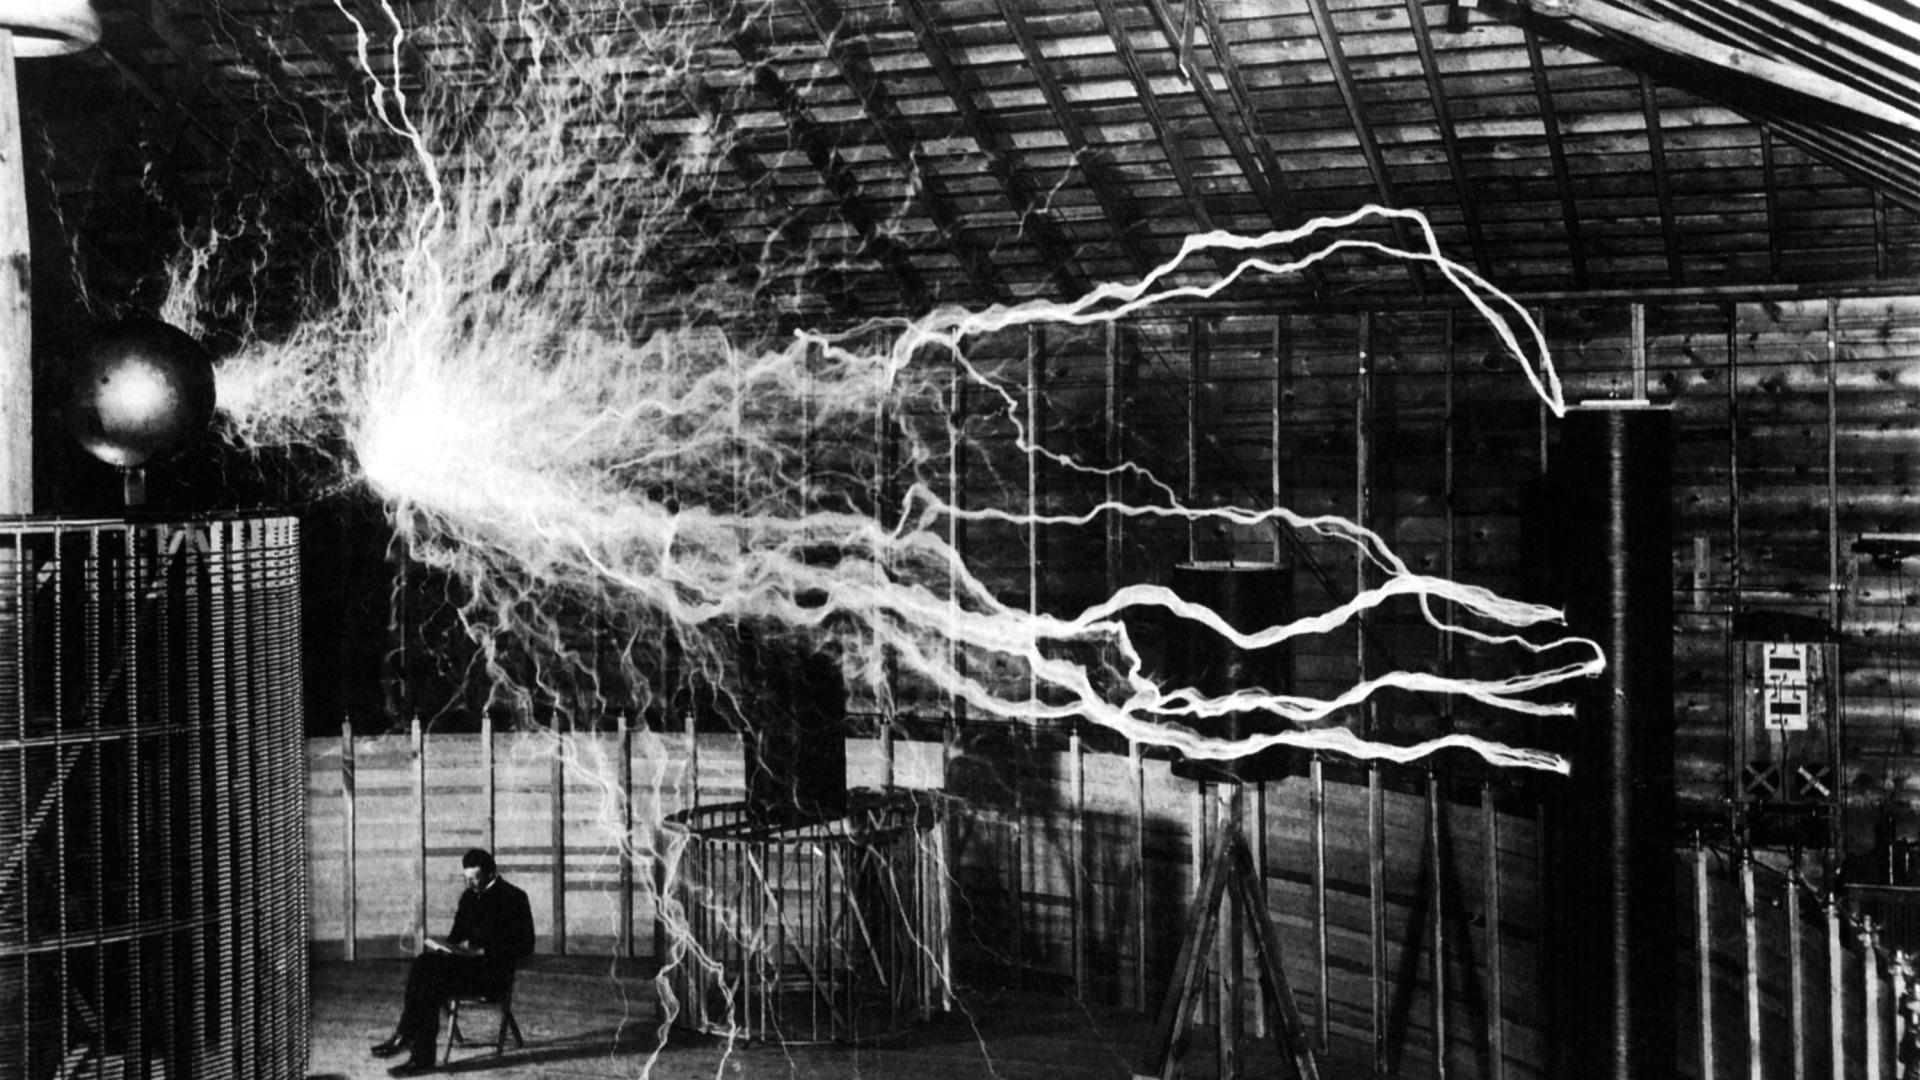 100 yıl önce alternatif akımın bulunması ile modern dünya inşa edilmeye başlandı.